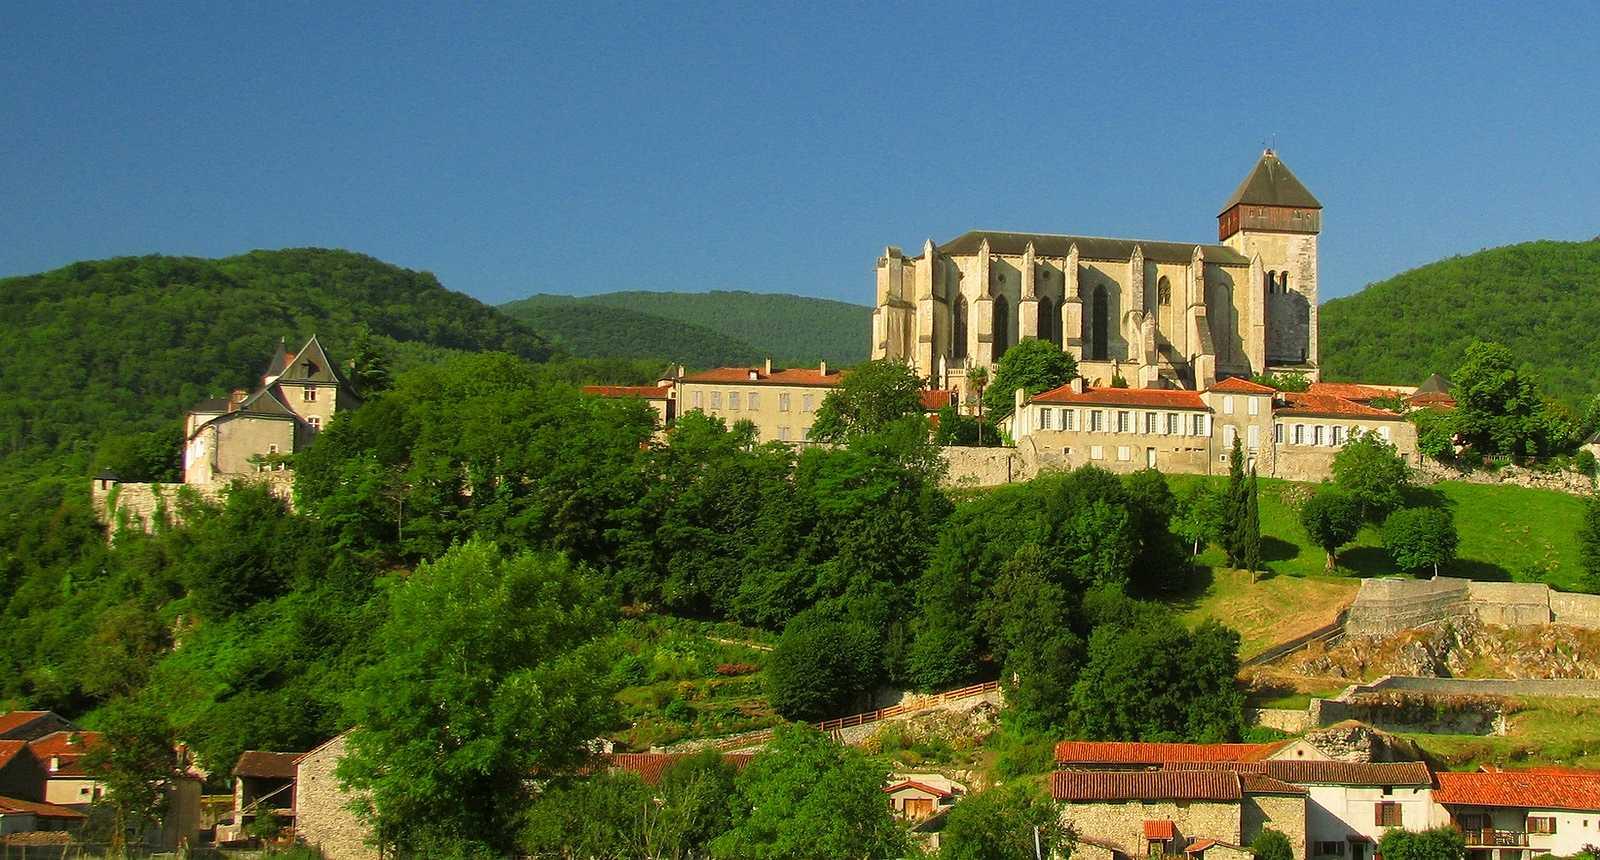 Image : Cathédrale Sainte-Marie de Saint-Bertrand-de-comminges